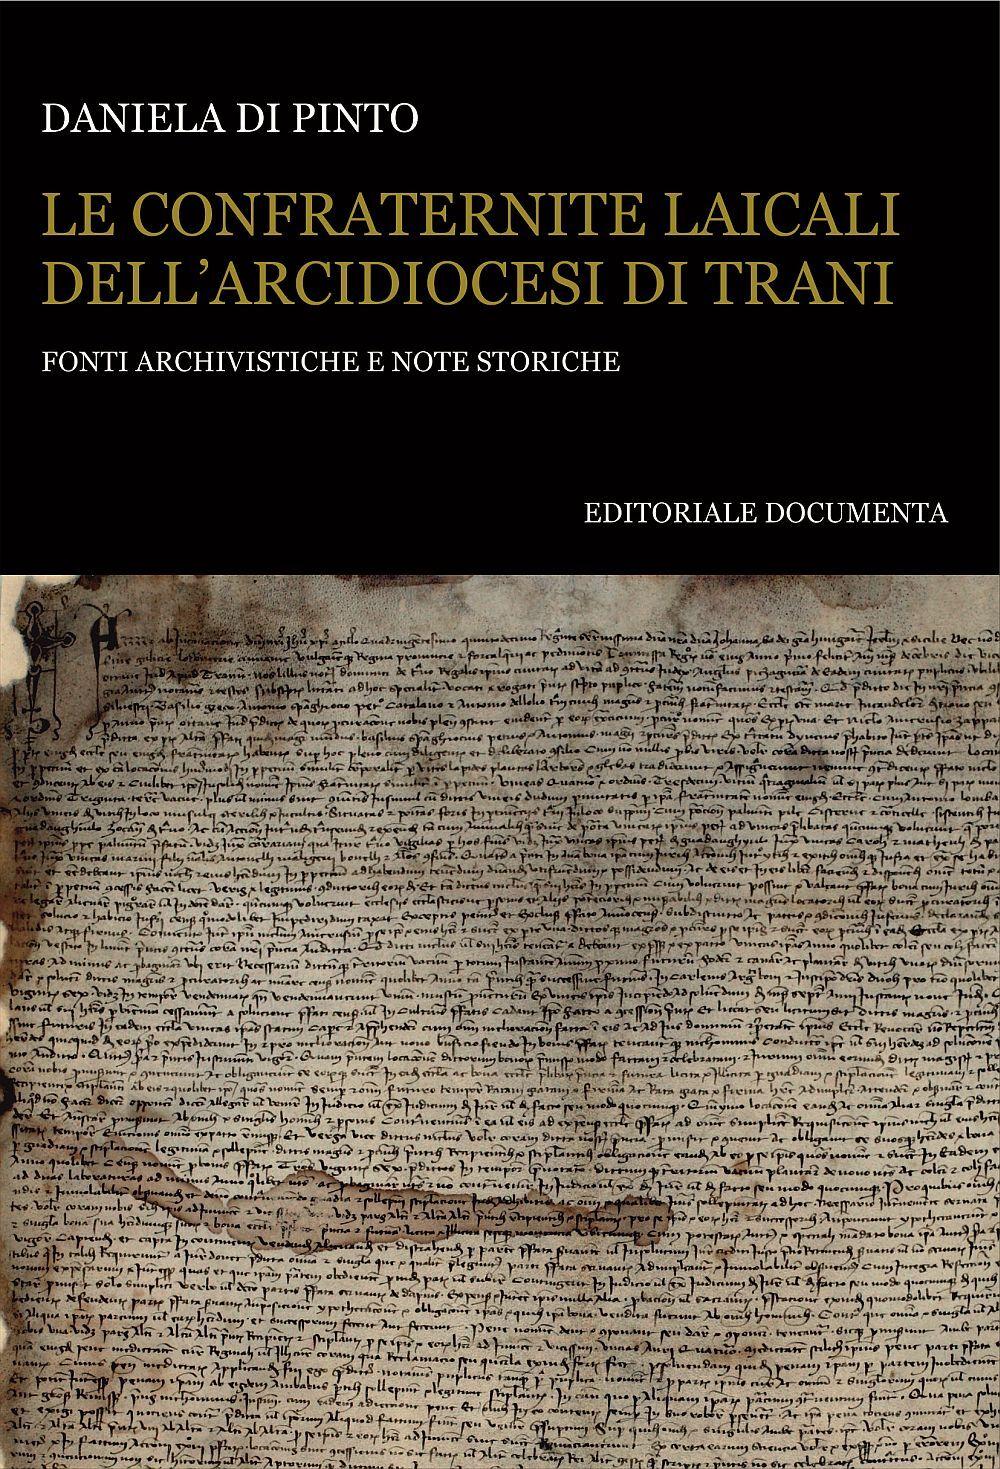 Le confraternite laicali dell'Arcidiocesi di Trani. Fonti archivistiche e note storiche